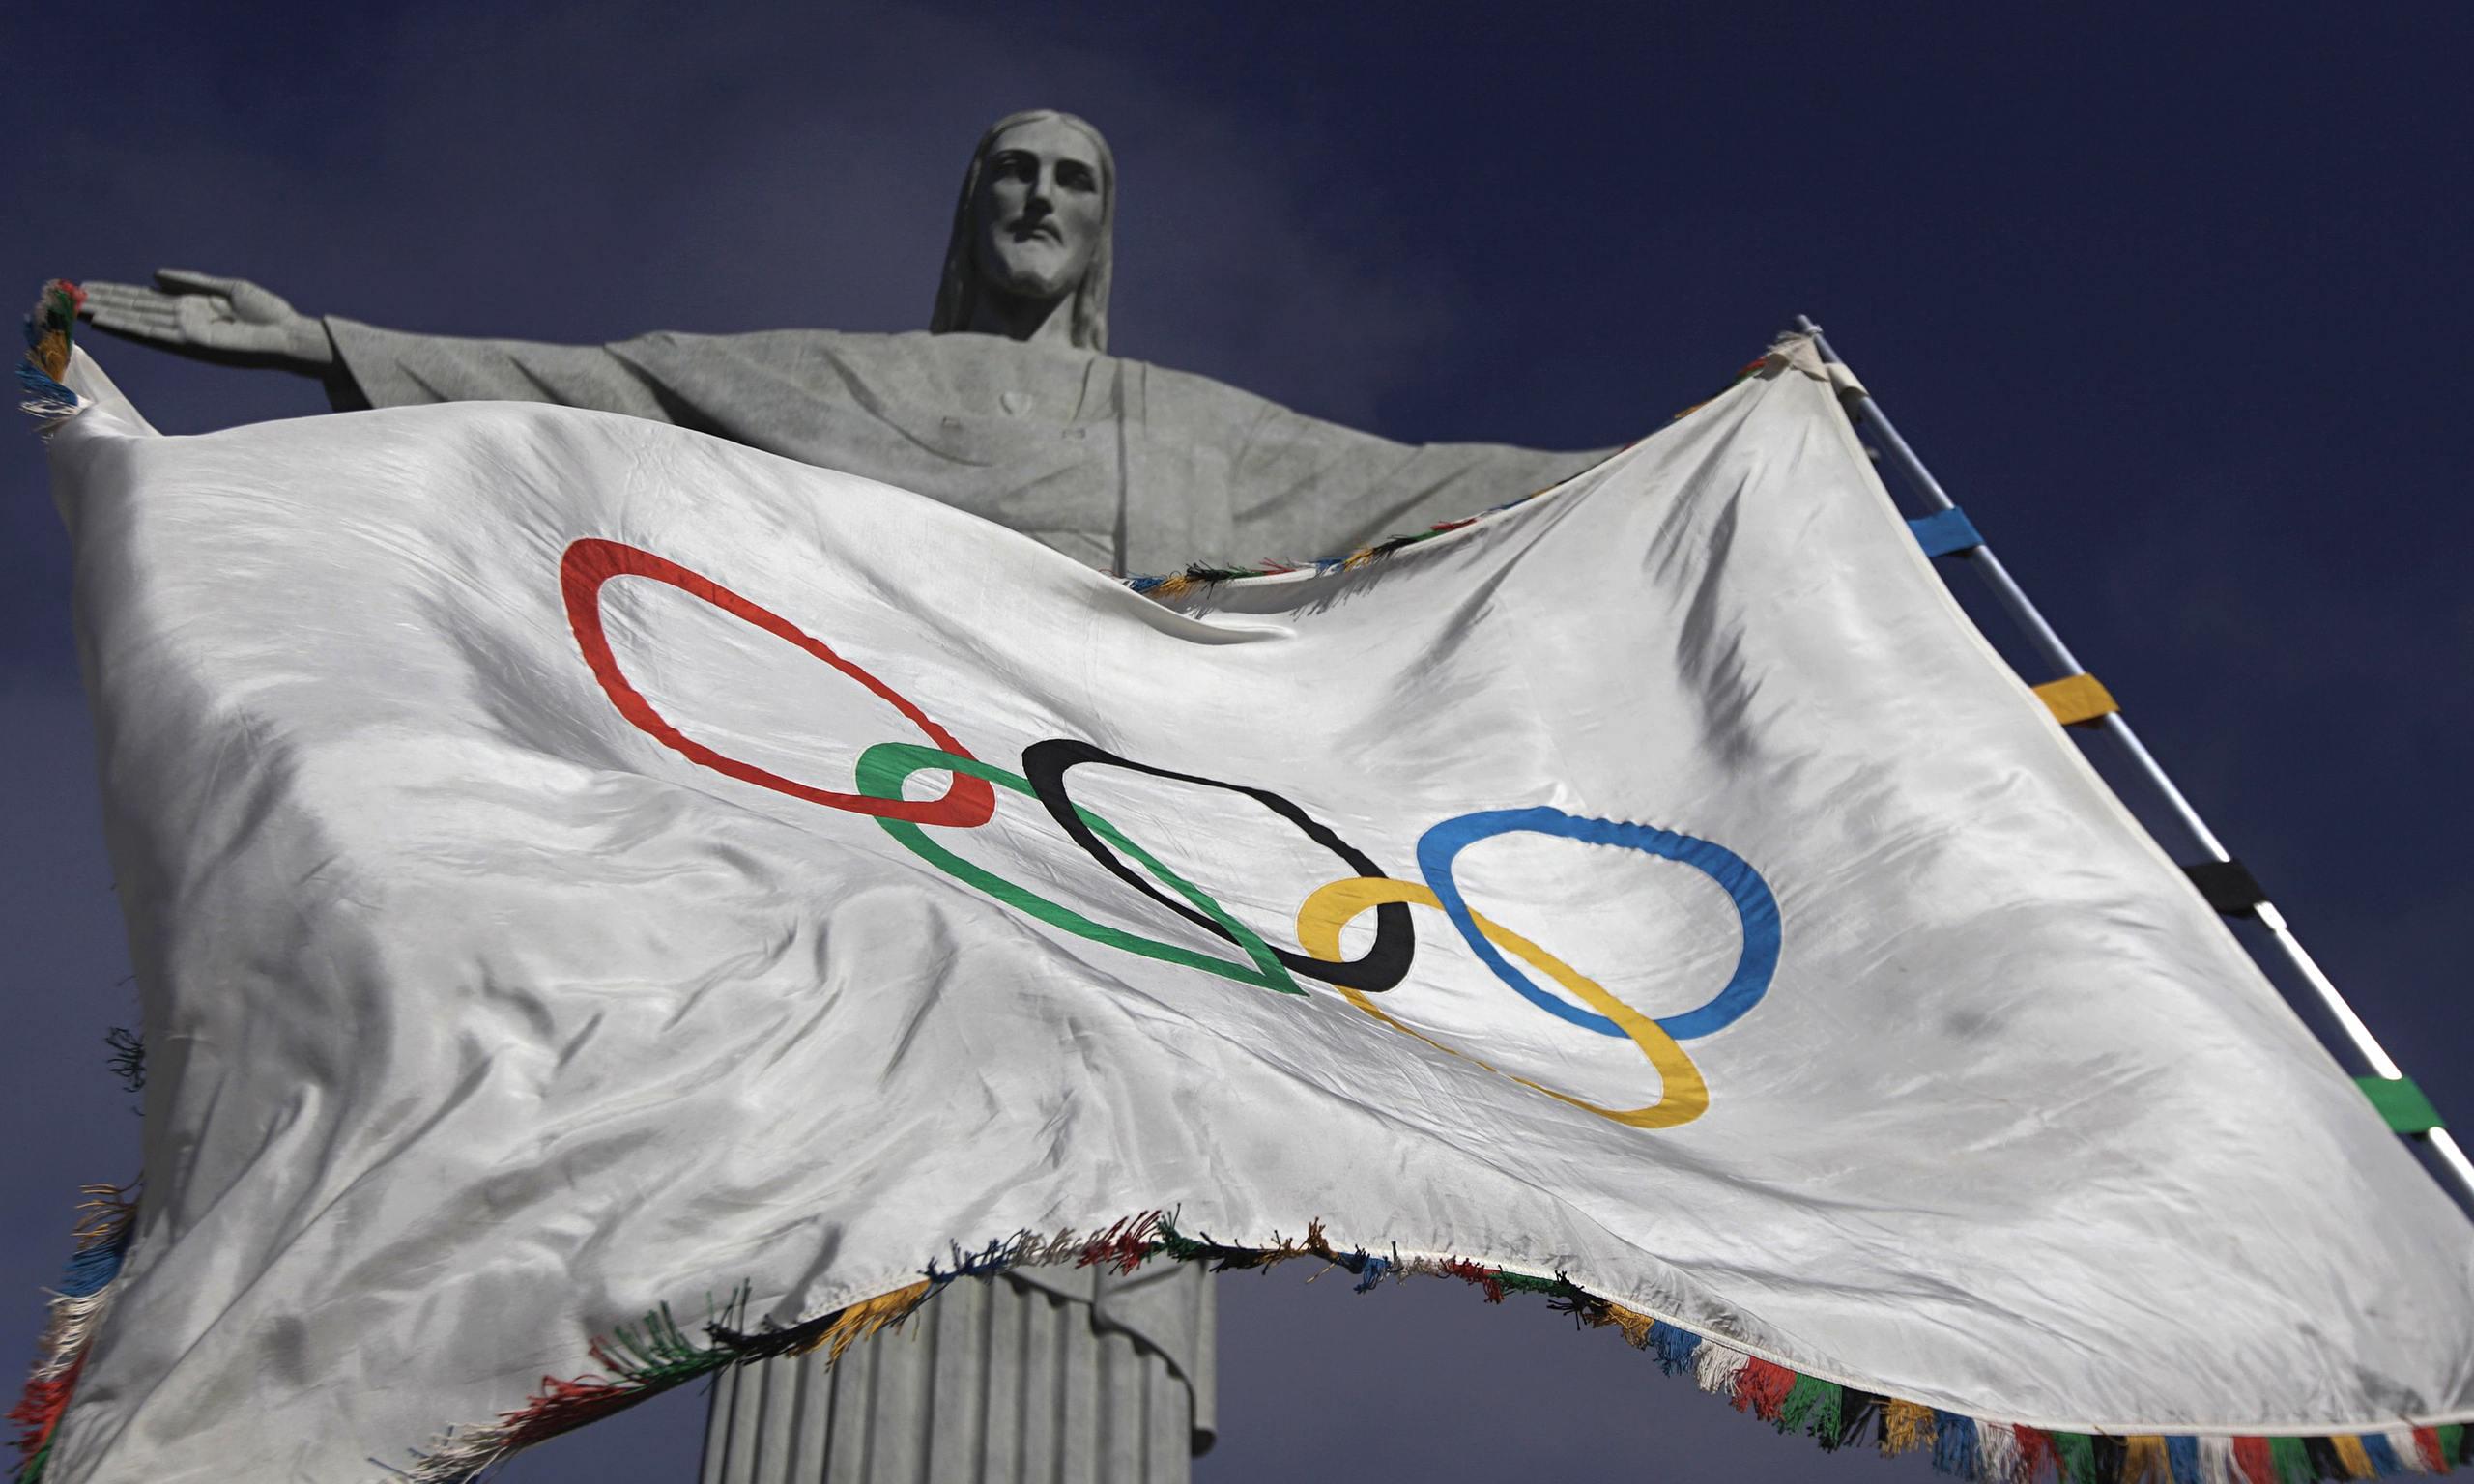 Третий день Олимпиады: чего ожидать?